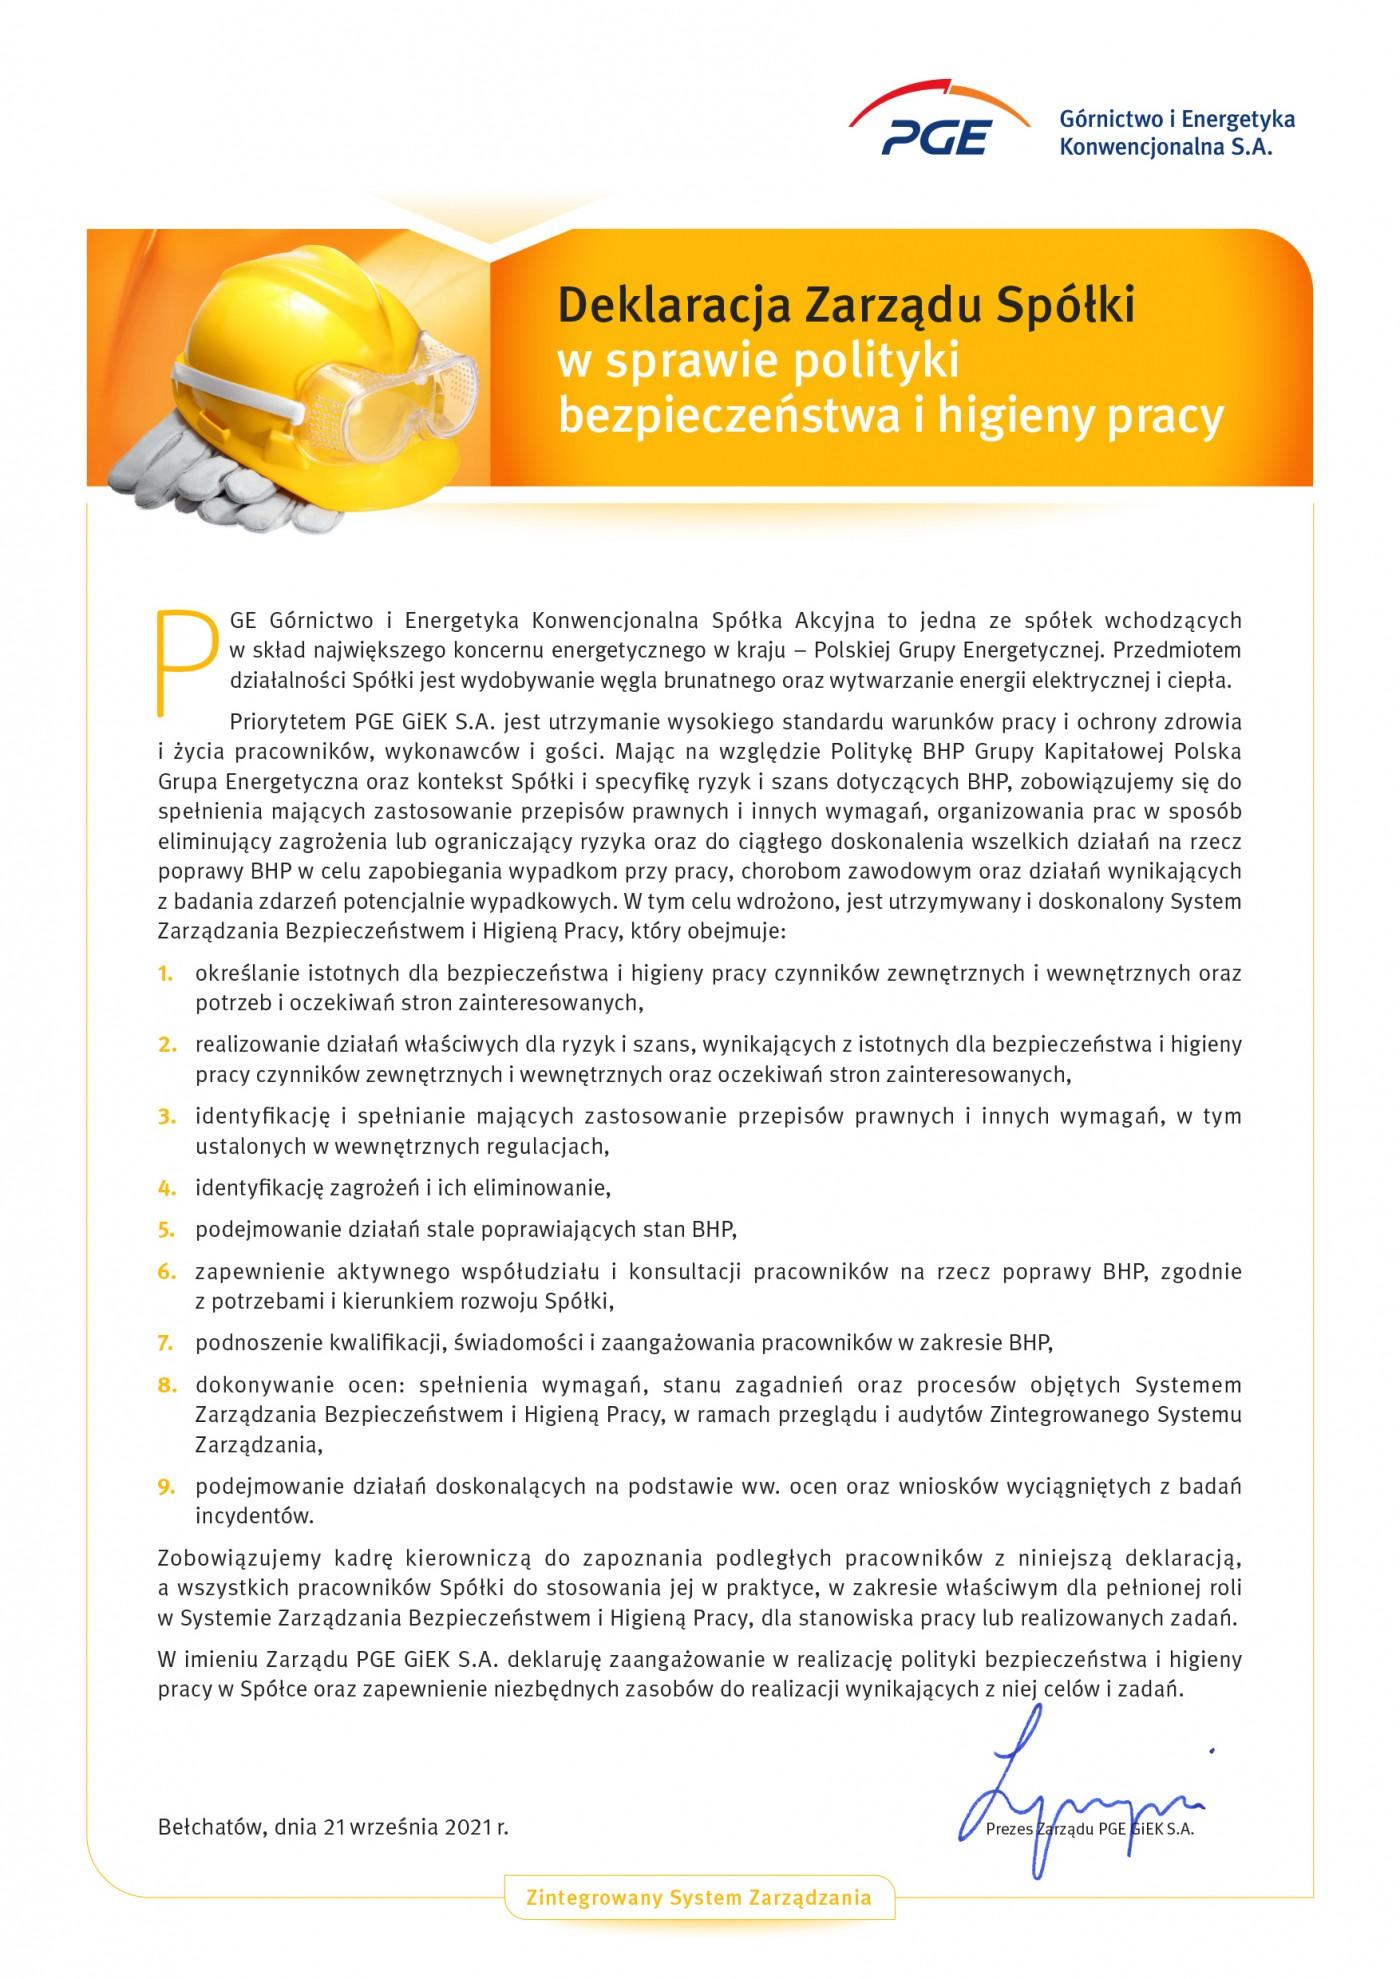 deklarpolit_szbhp_giek_2021-09-21.jpg